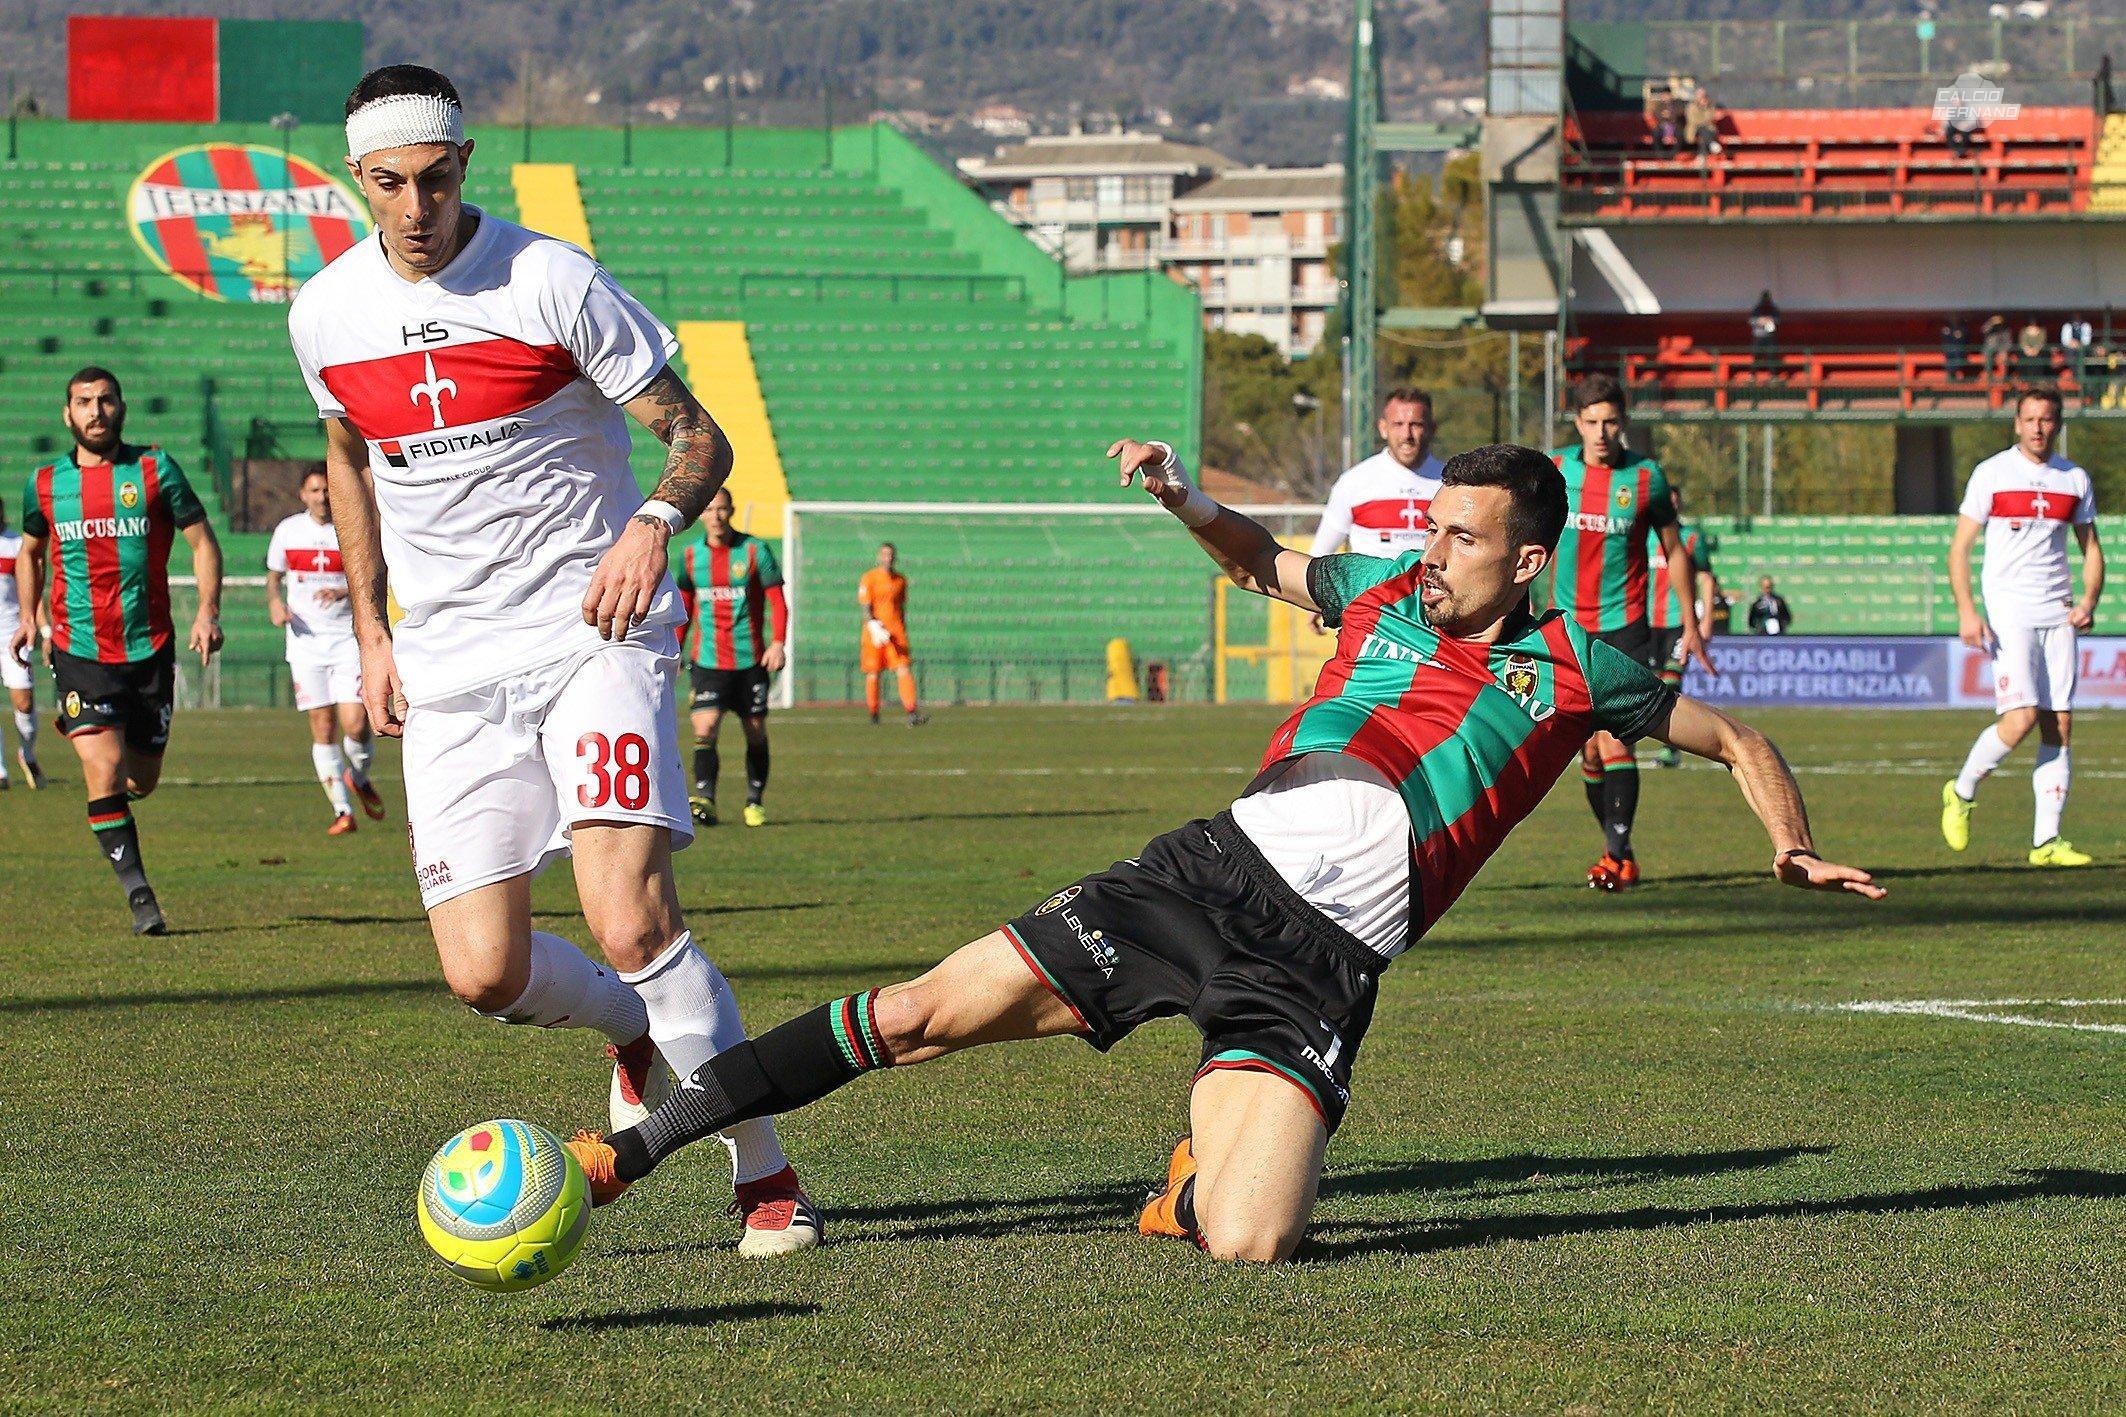 Ternana, i rossoverdi possono rientrare nella Coppa Italia nazionale